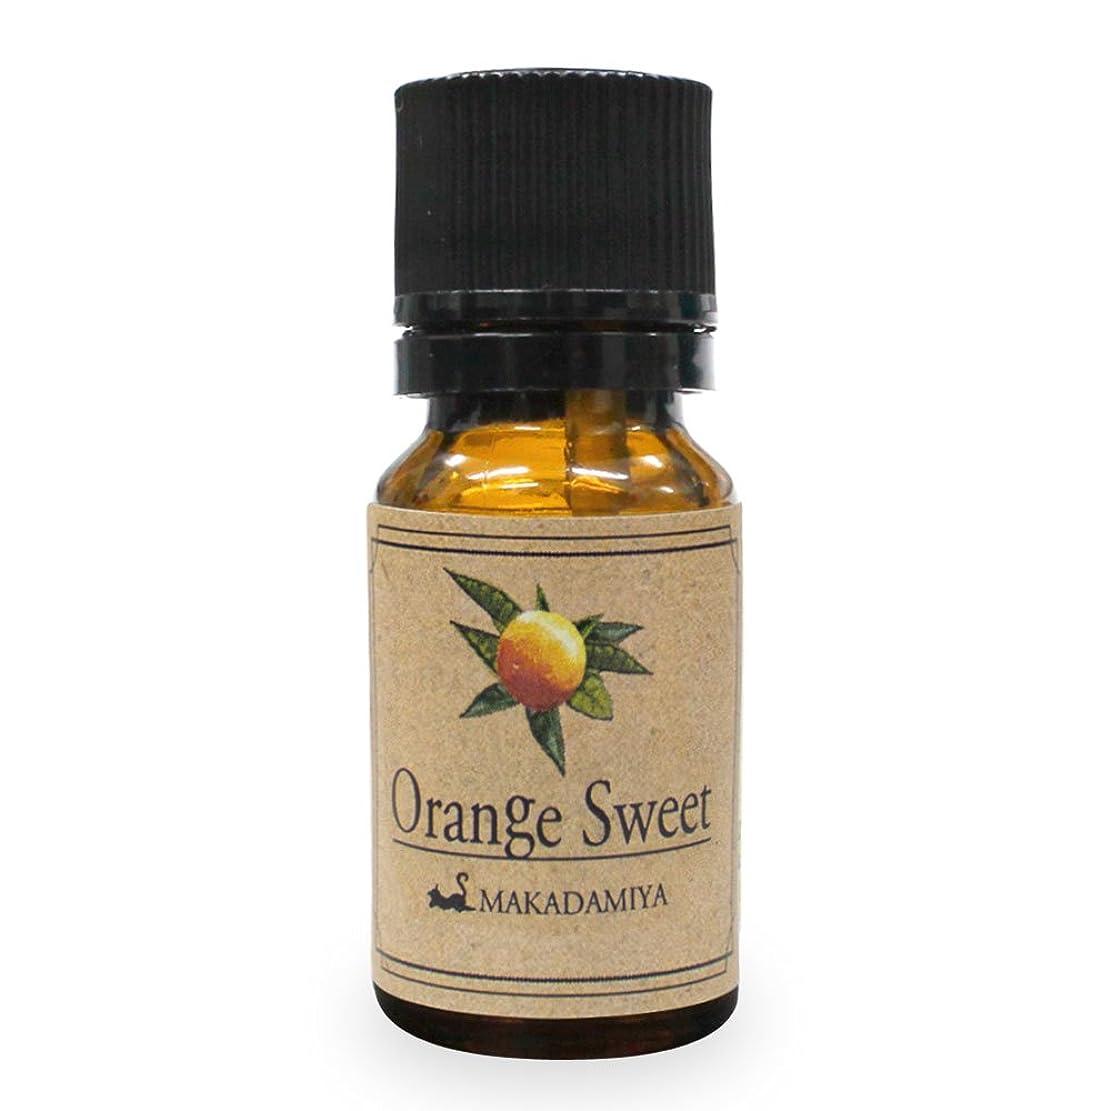 してはいけません重力クリスチャンオレンジ?スイート10ml 天然100%植物性 エッセンシャルオイル(精油) アロマオイル アロママッサージ aroma Orange S.